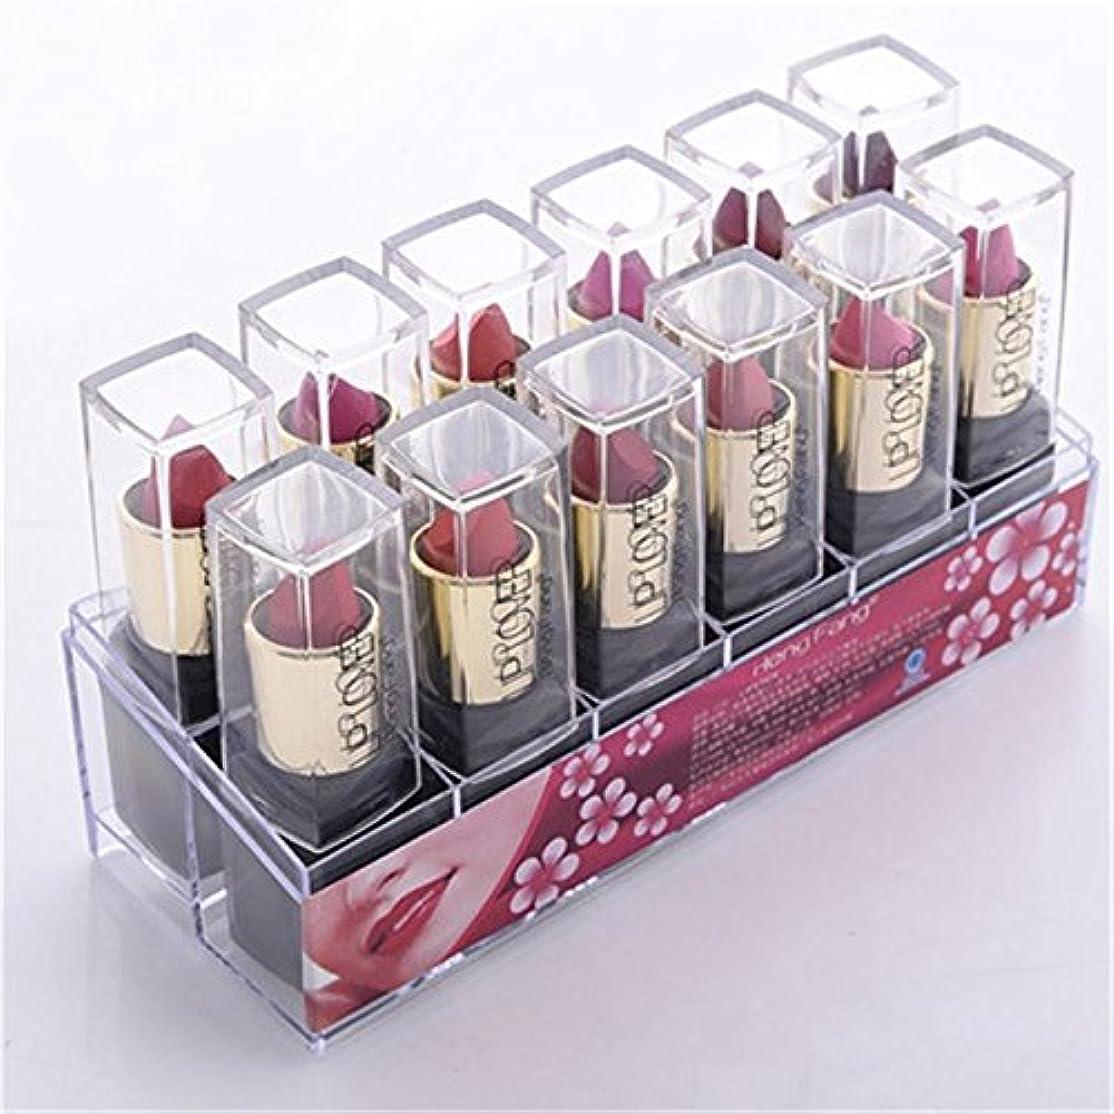 サラミ代表団ターゲット2017 New 12pcs/set Lipsticks Sex Nude Lip Matte Kits Long Lasting Waterproof Pigment Matte Makeup Lipstick Set...